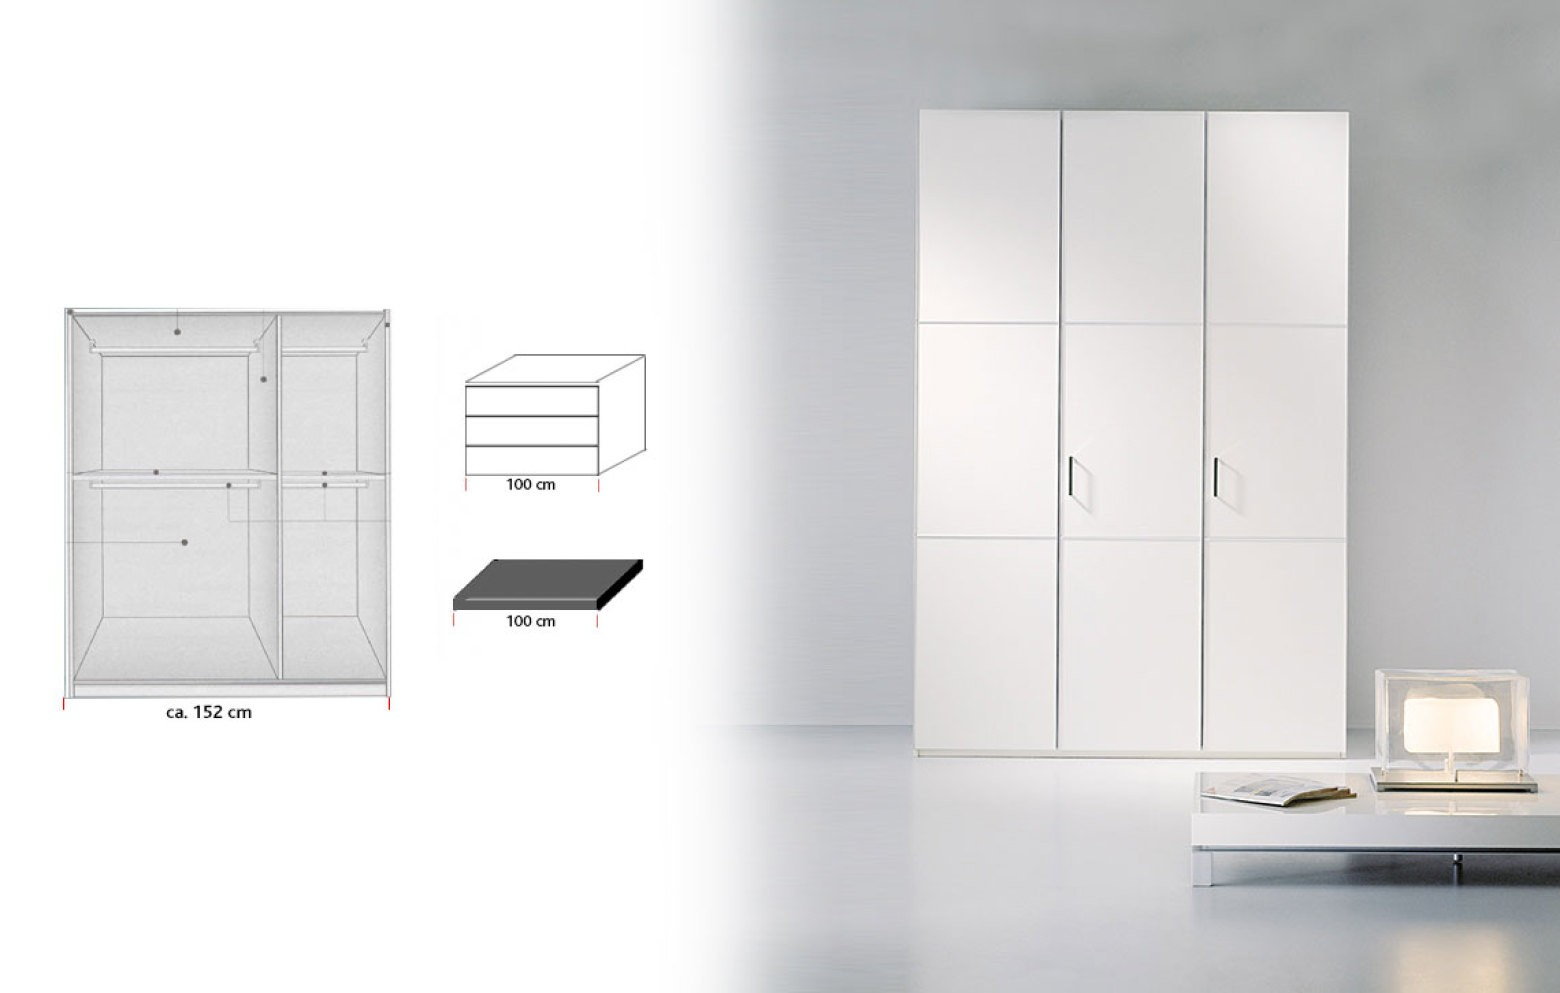 Malerisch Kleiderschrank Mit Innenausstattung Foto Von Trio - 3 Türer, Innen